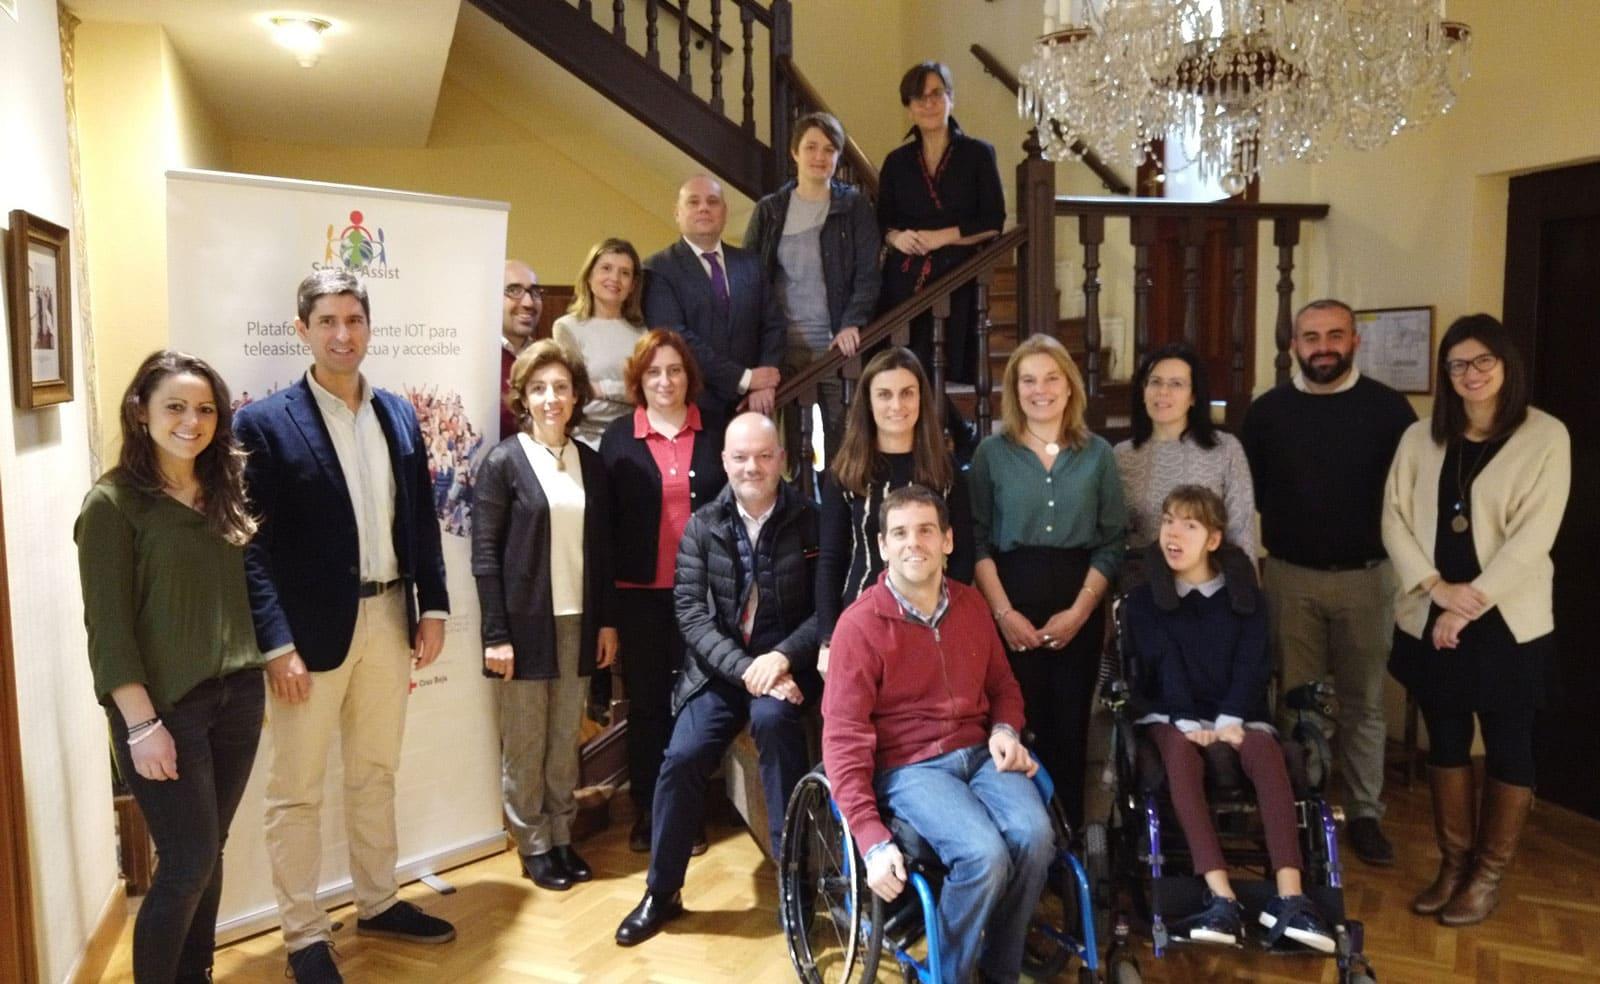 Abschluss von Smart Assist, einem Technologieprojekt aus dem sozialmedizinischen Bereich zur Unterstützung von benachteiligten Gesellschaftsgruppen